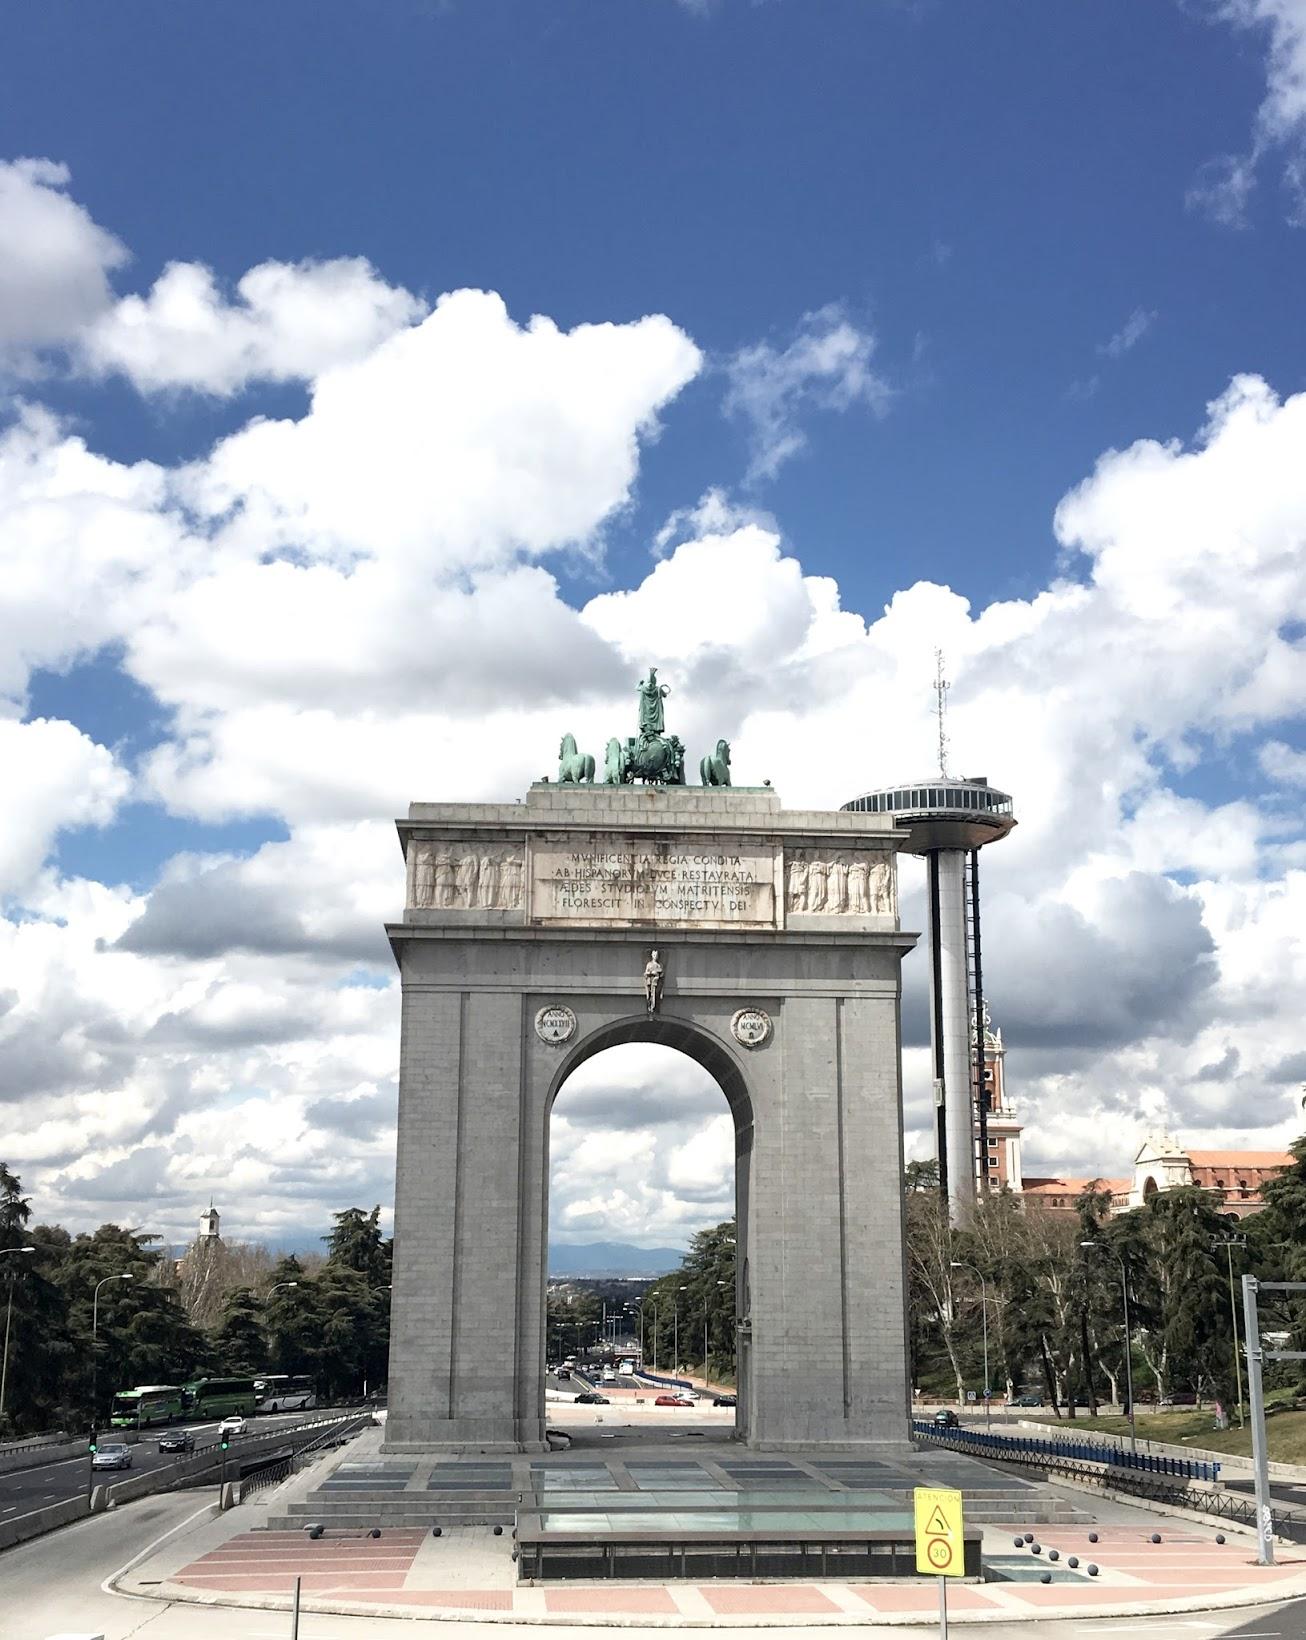 Puerta de Moncloa